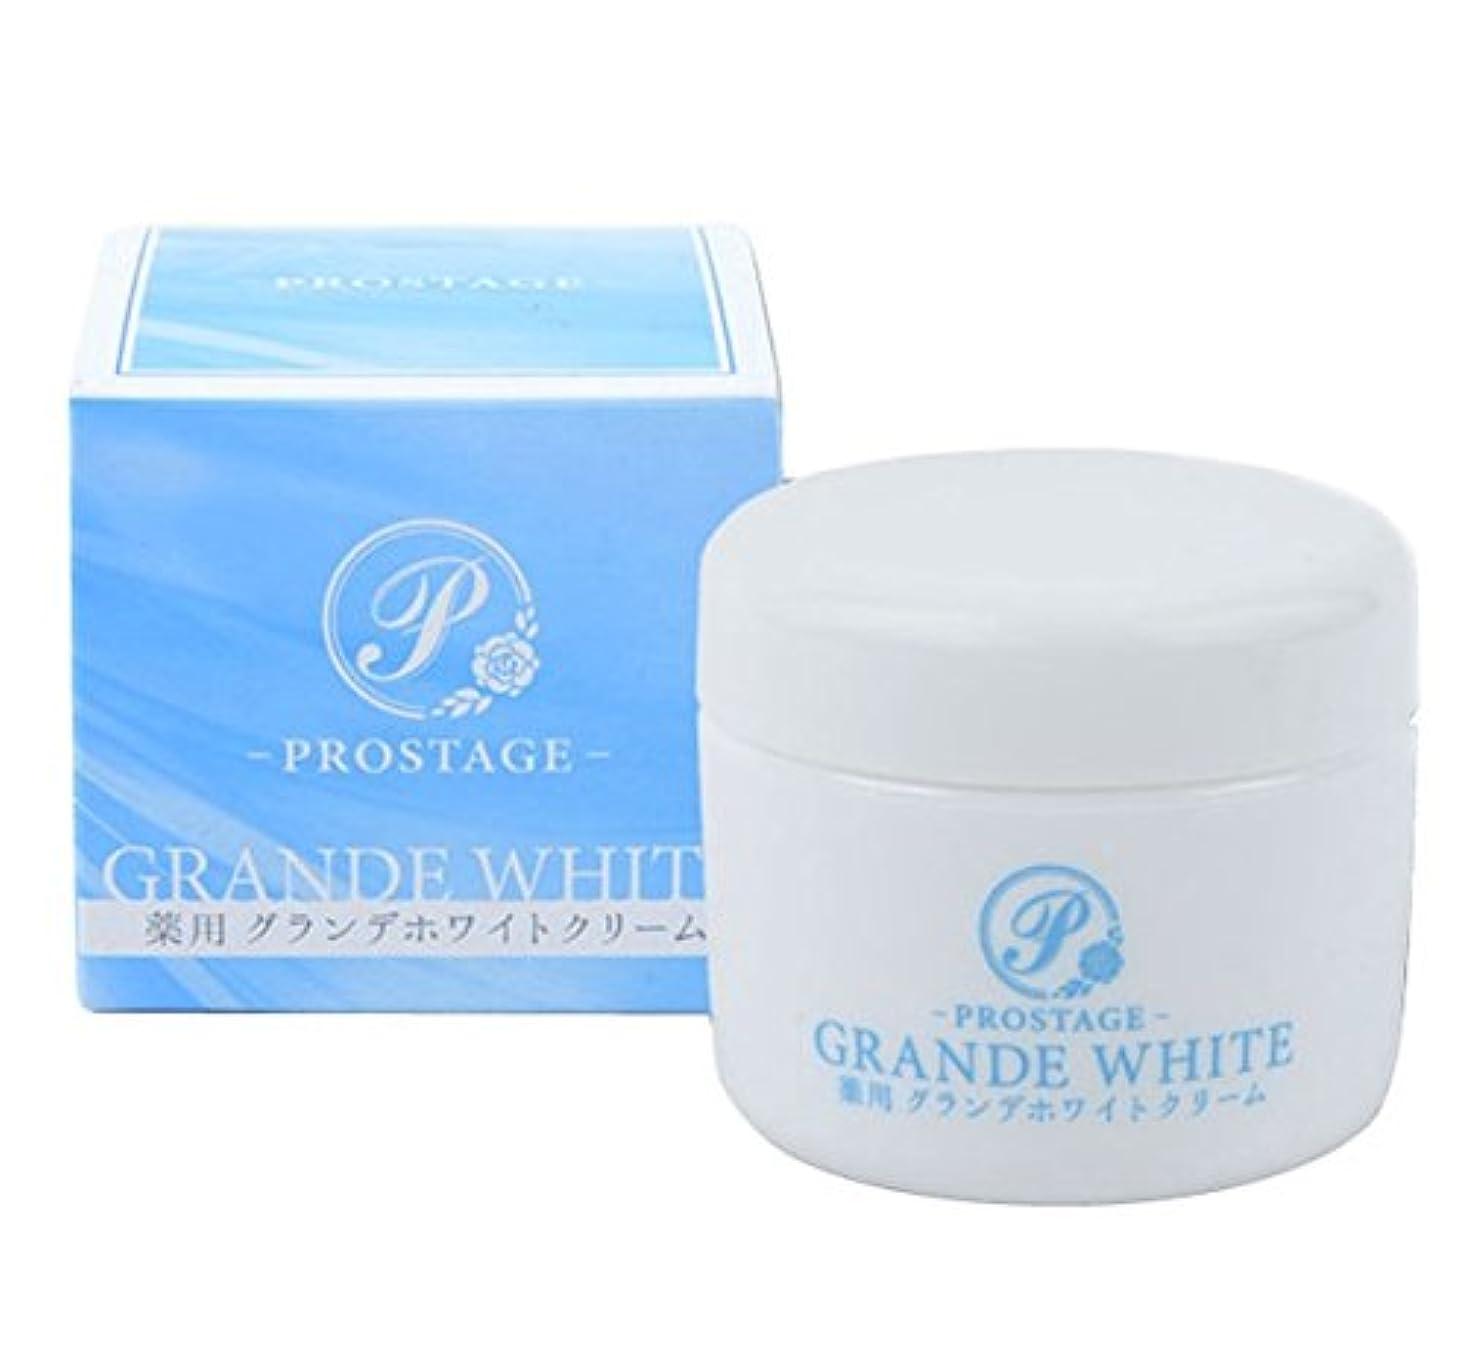 道路を作るプロセス担保関係薬用グランデホワイトクリーム PROSTAGE ホワイトニングクリーム 大容量80g (1個)